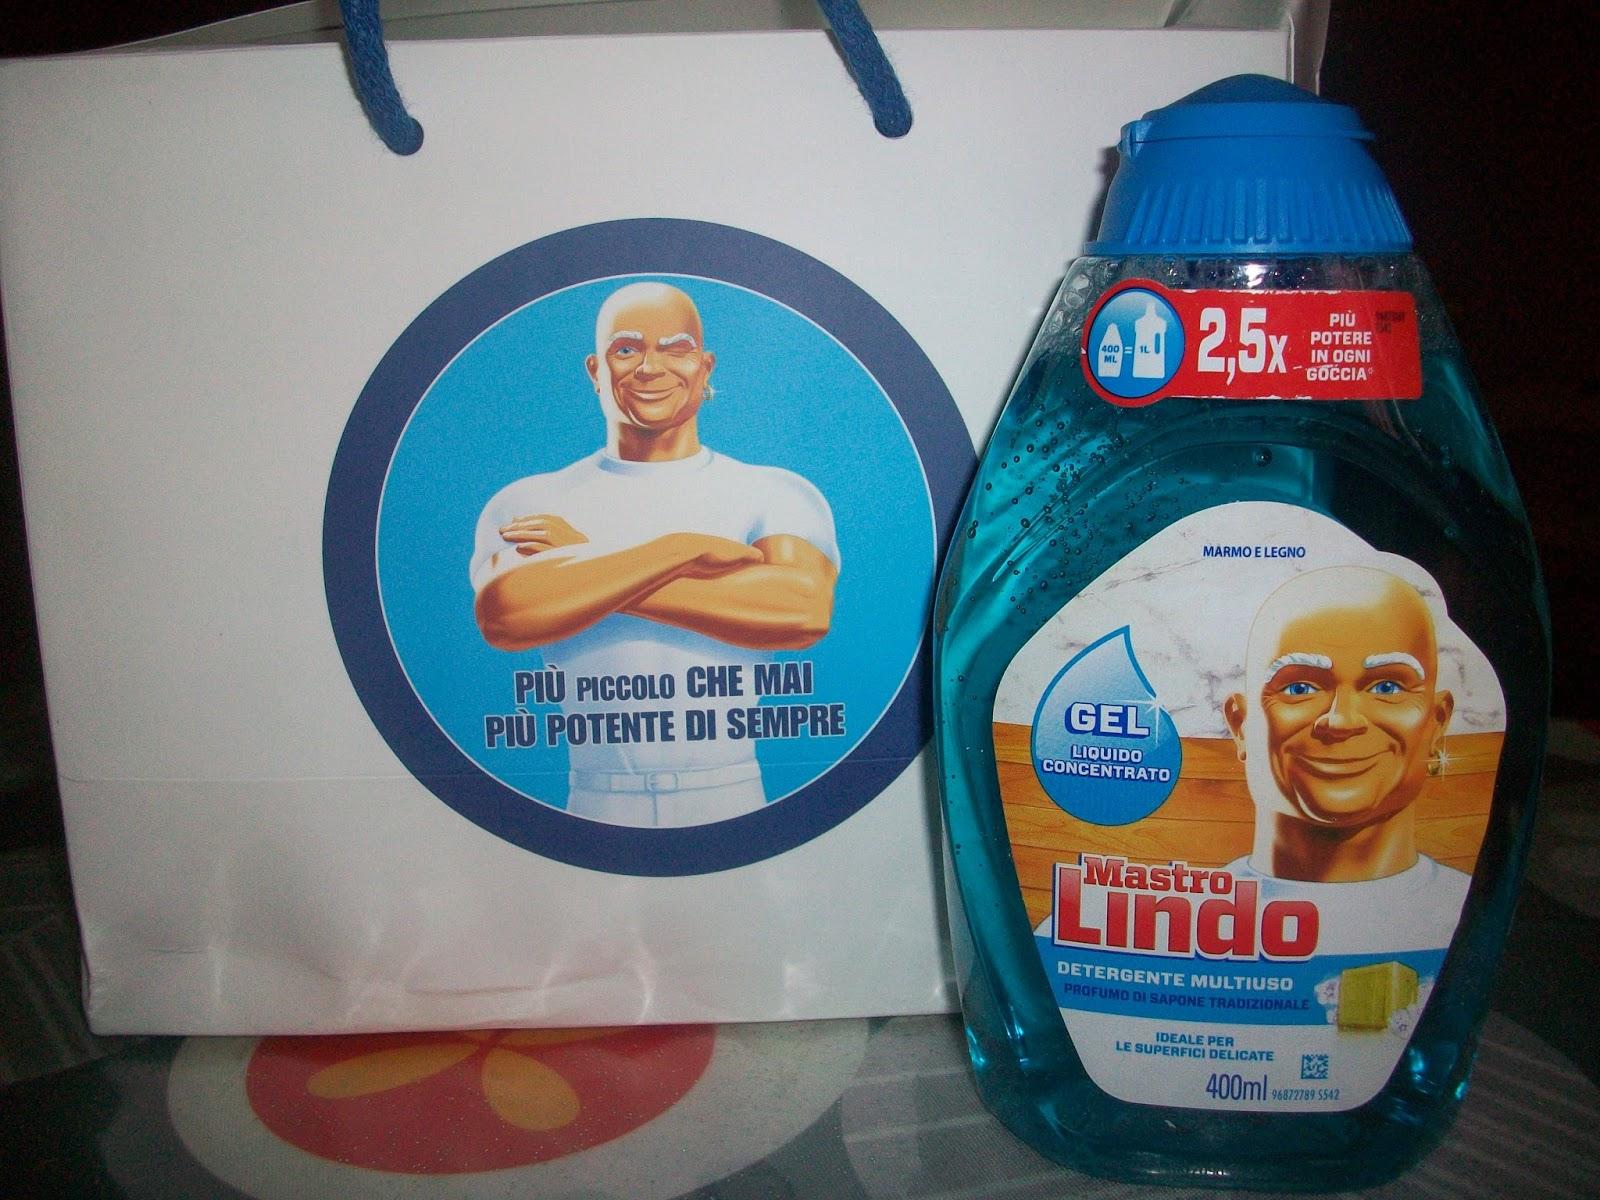 Mastro lindo gel il detergente concentrato per tutta la casa